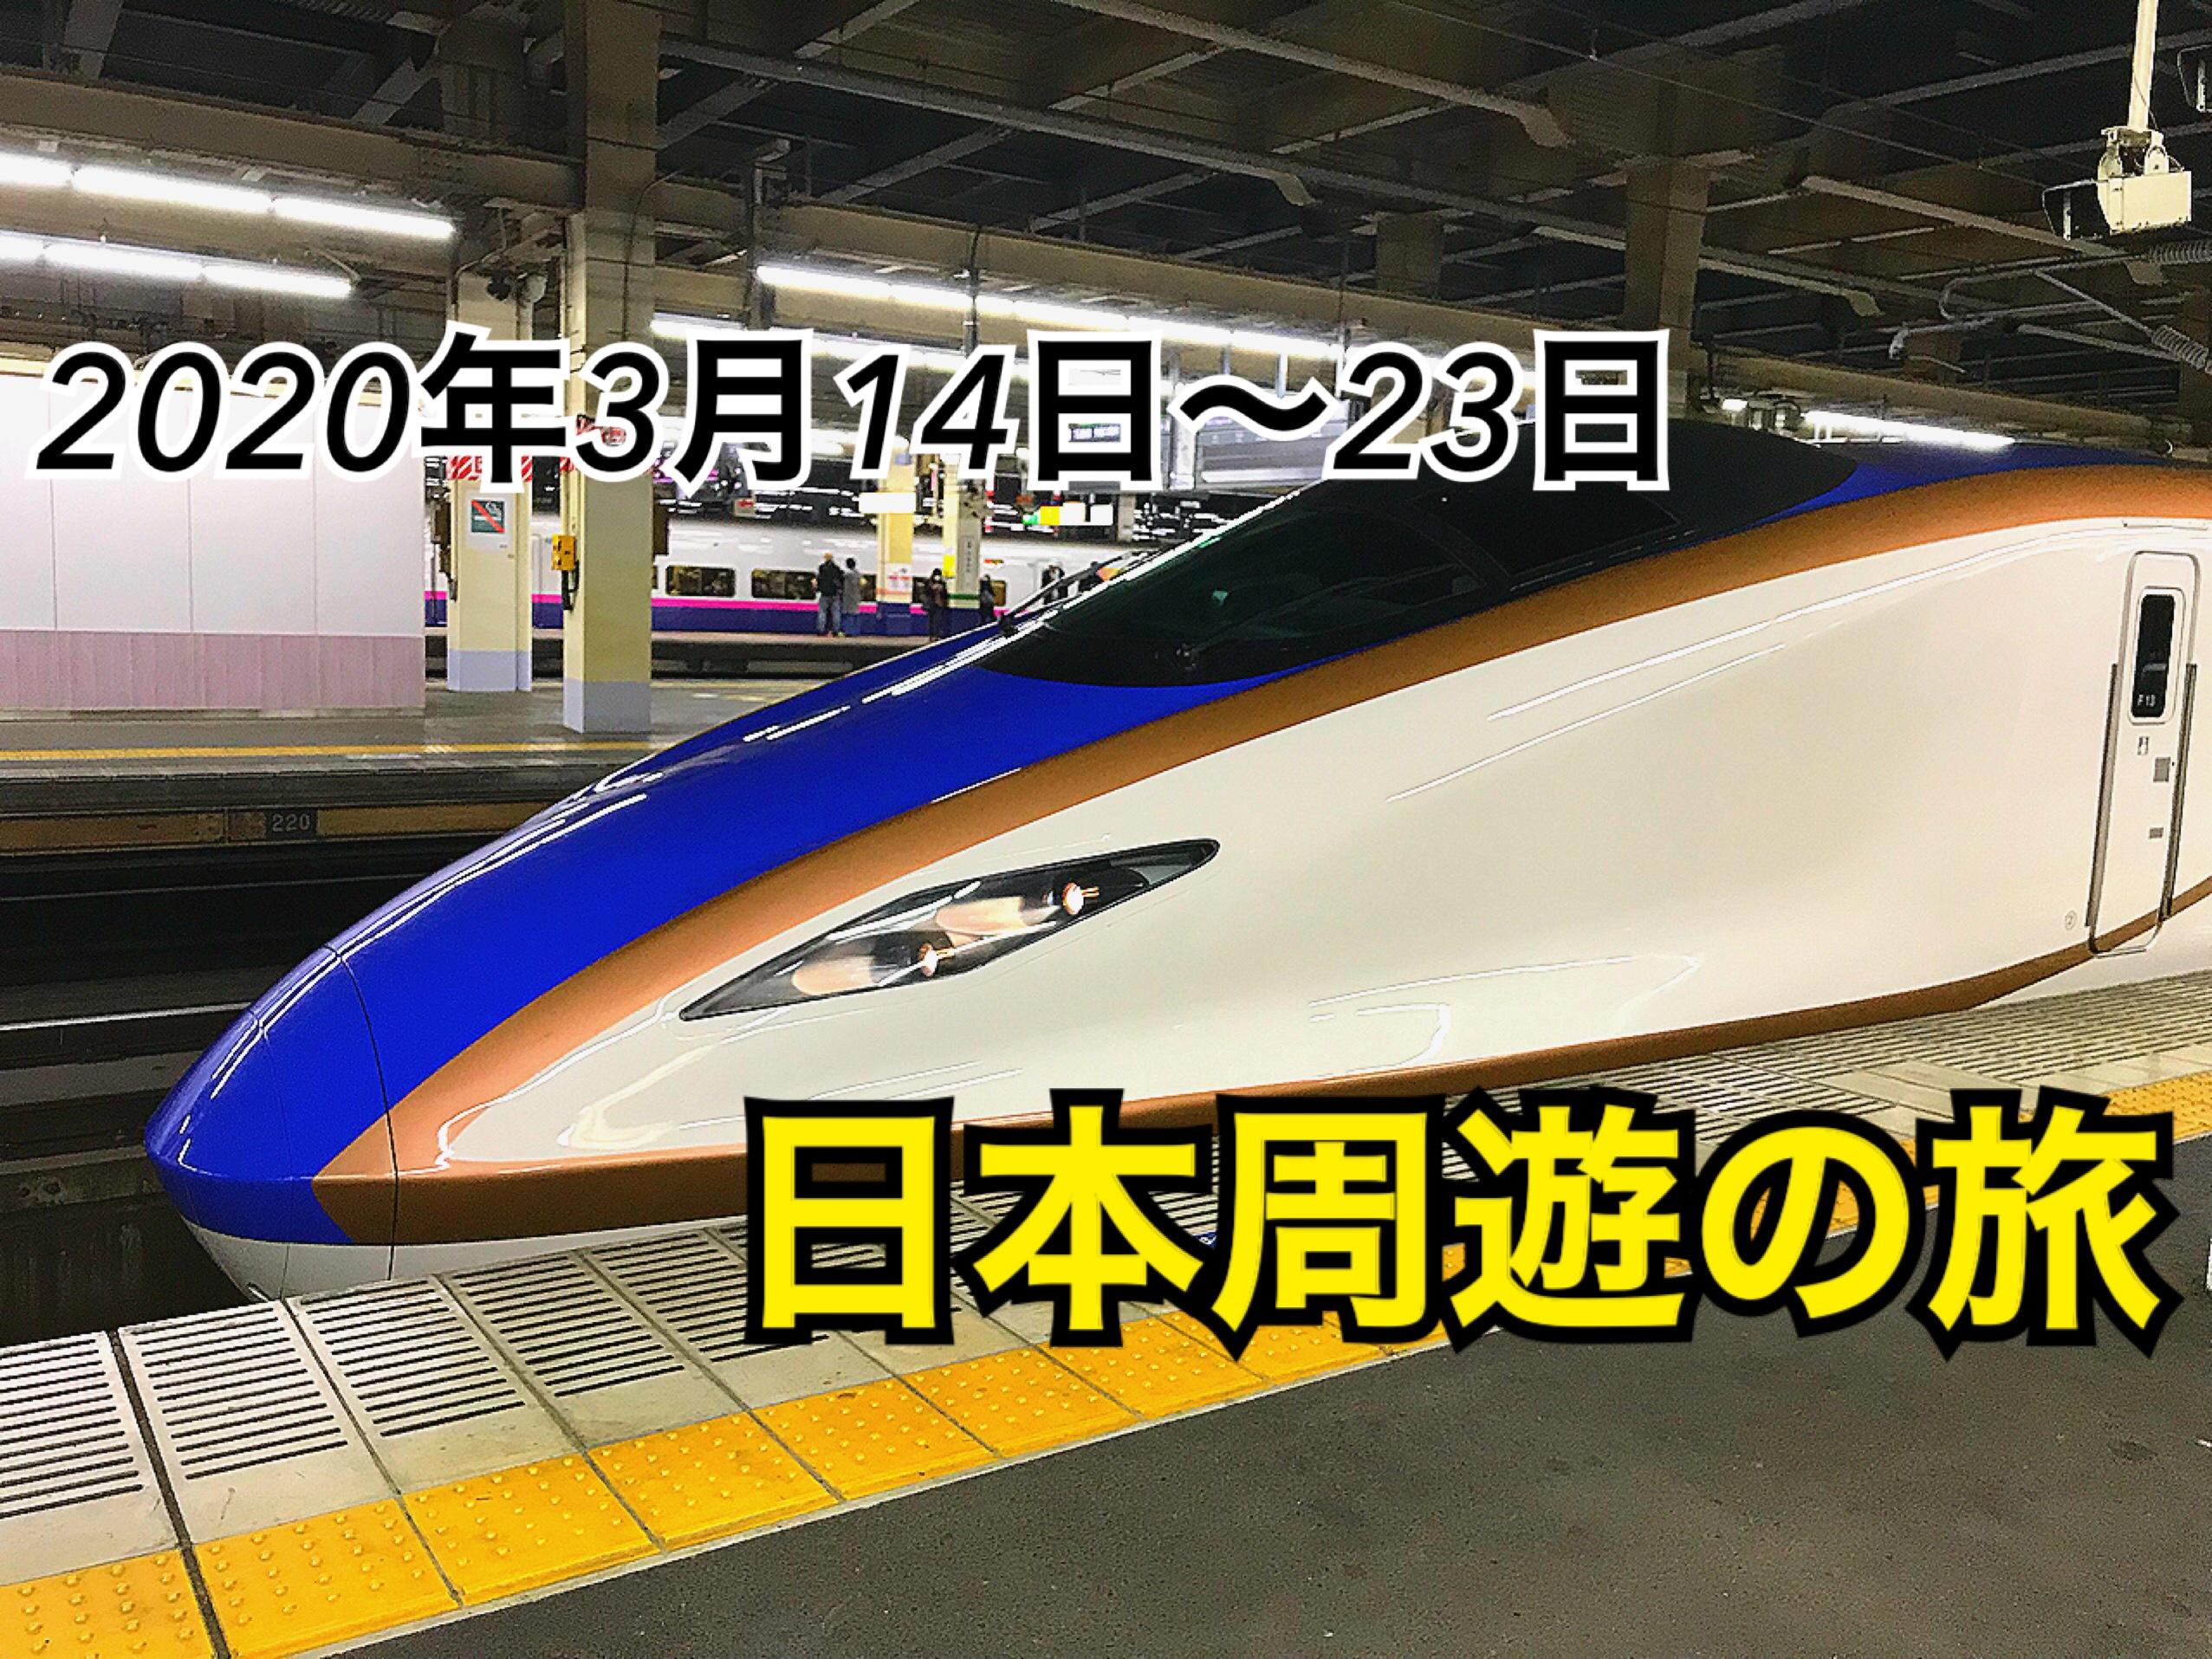 日本周遊の旅、やります!【日本周遊の旅】